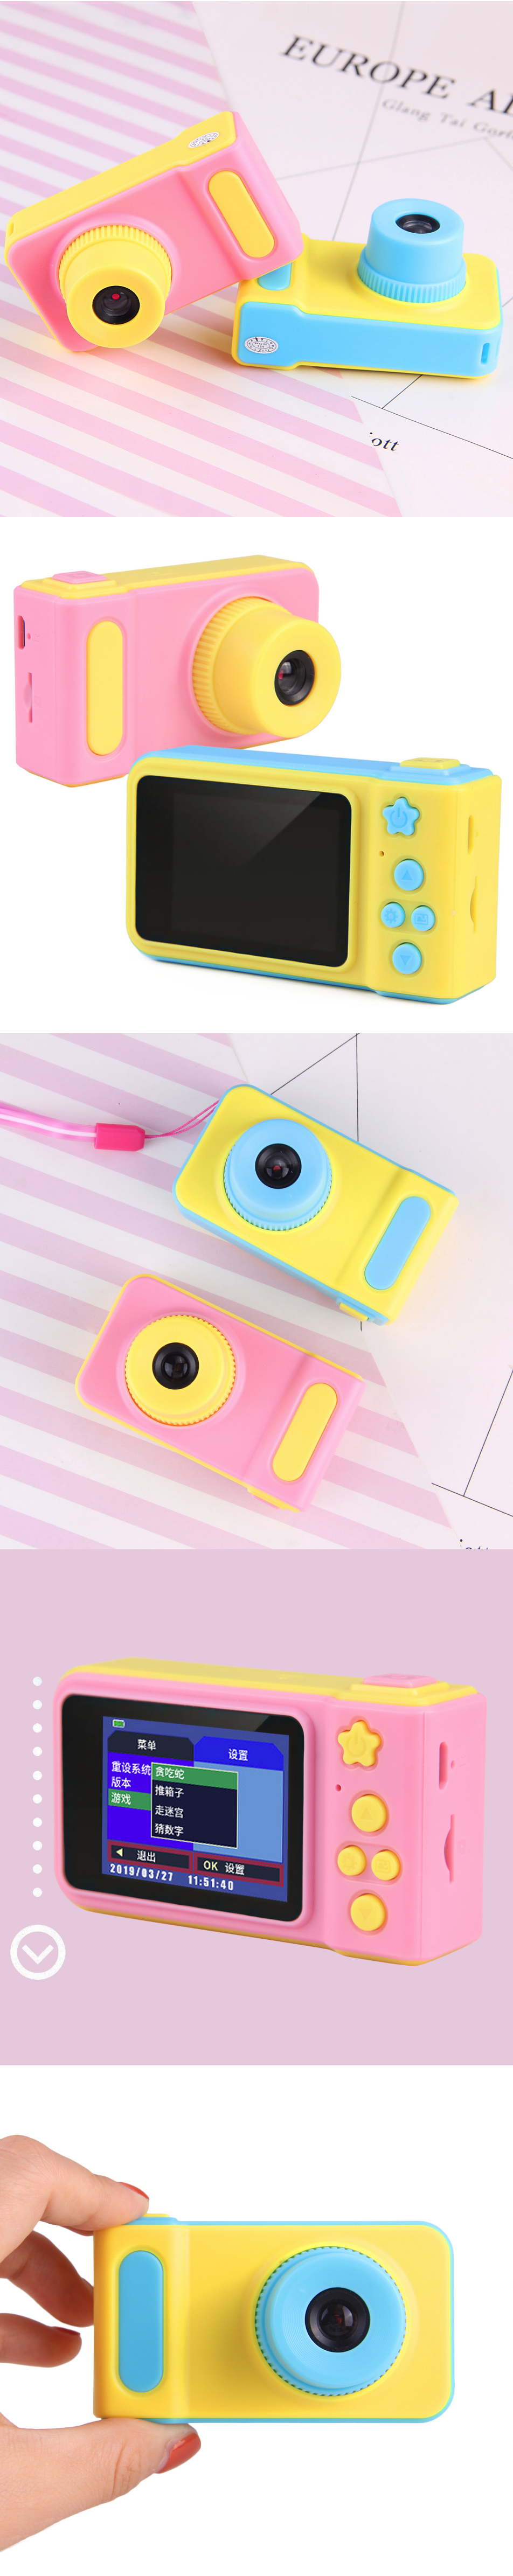 купить детскую камеру в украине